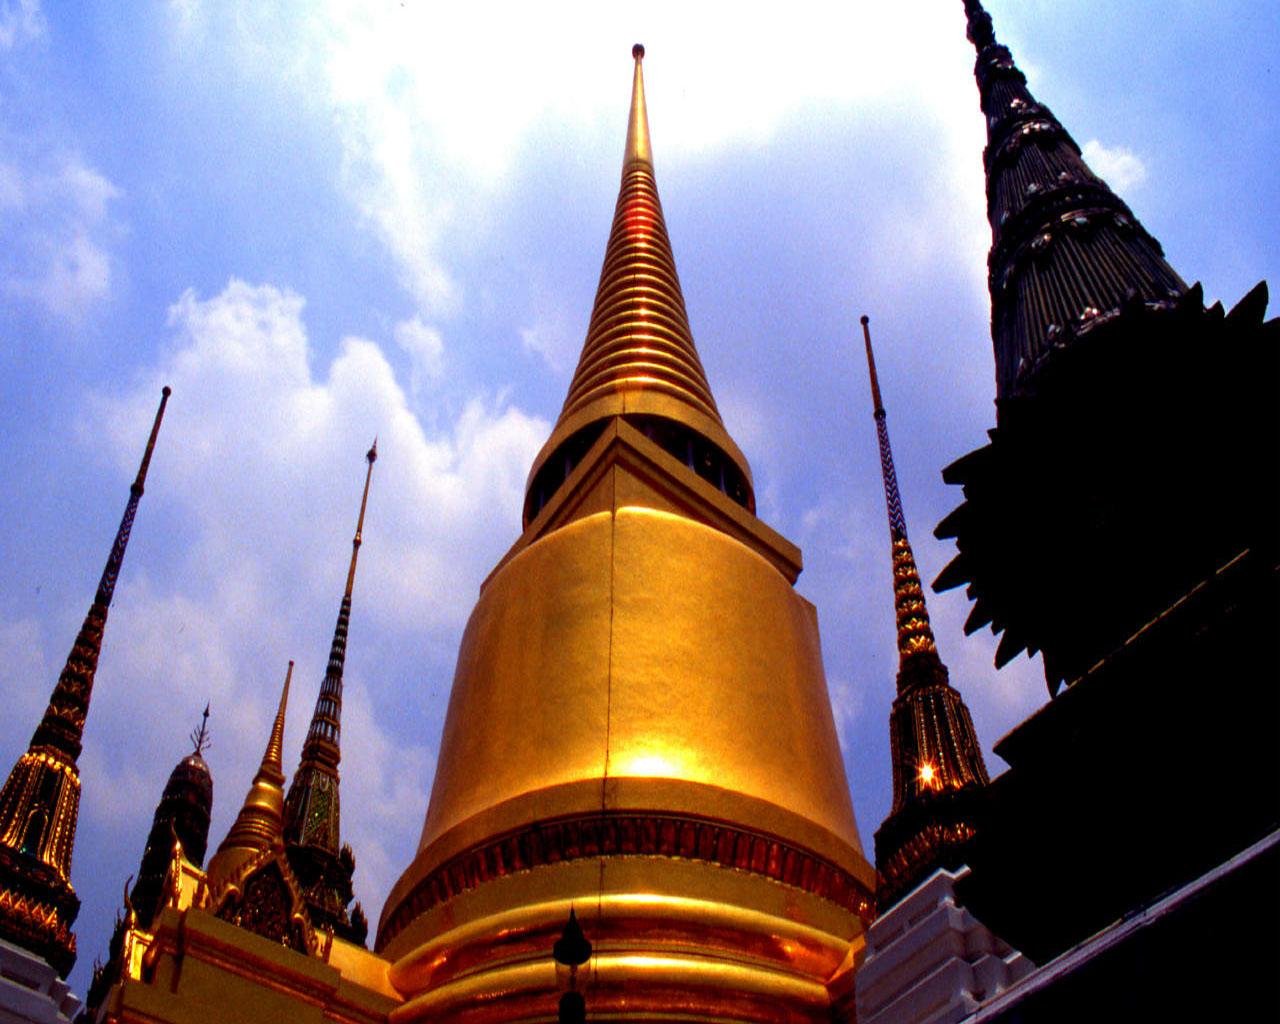 http://1.bp.blogspot.com/_2U3U6AwE-ZQ/S-xCE2CfTcI/AAAAAAAAANs/DkZ5JFenBjc/s1600/bangkok6%28www.TheWallpapers.org%29.jpg